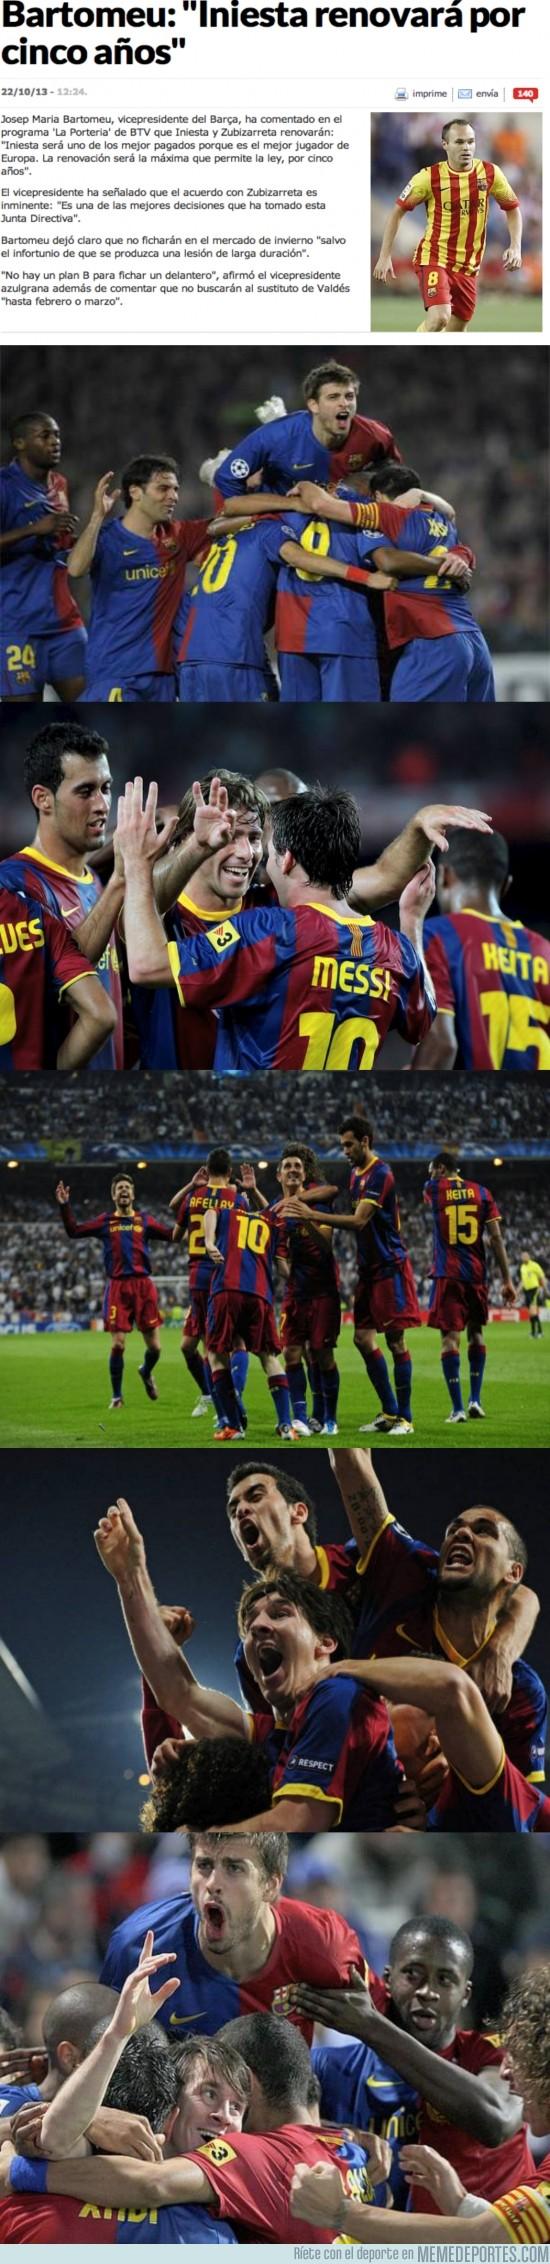 198159 - ¡Iniesta renueva por cinco años!